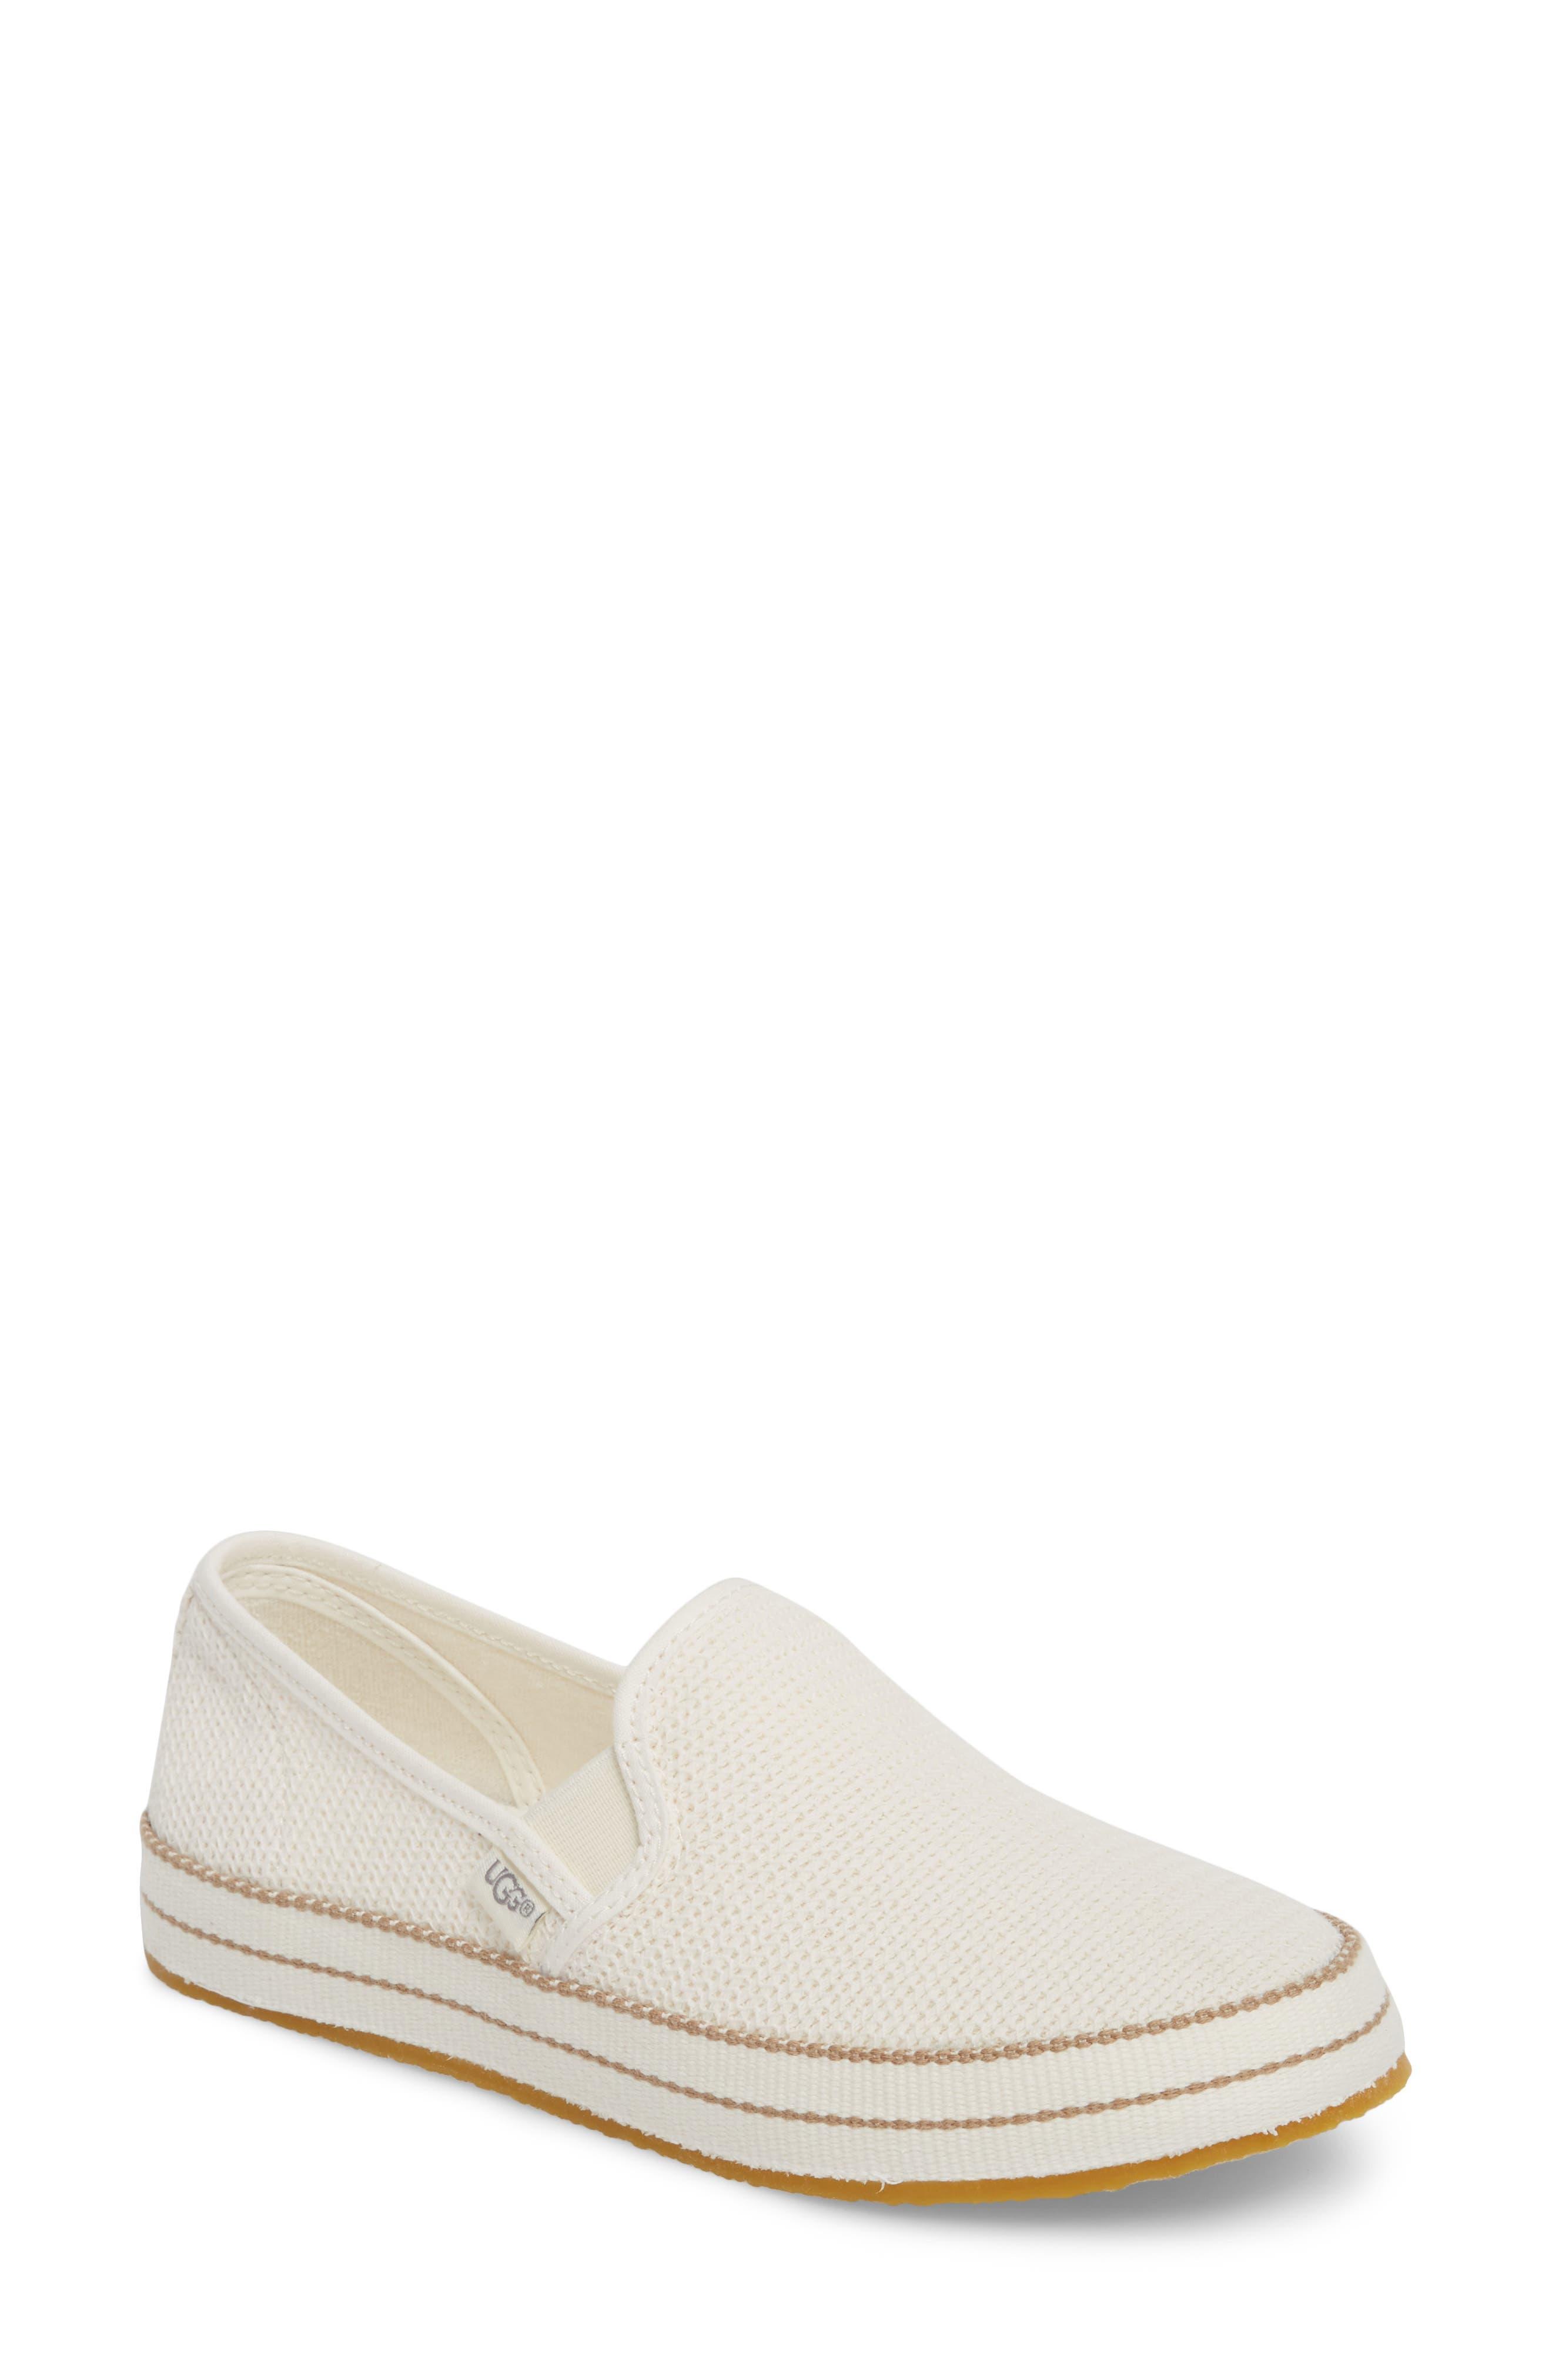 Bren Slip-On Sneaker,                         Main,                         color, Natural